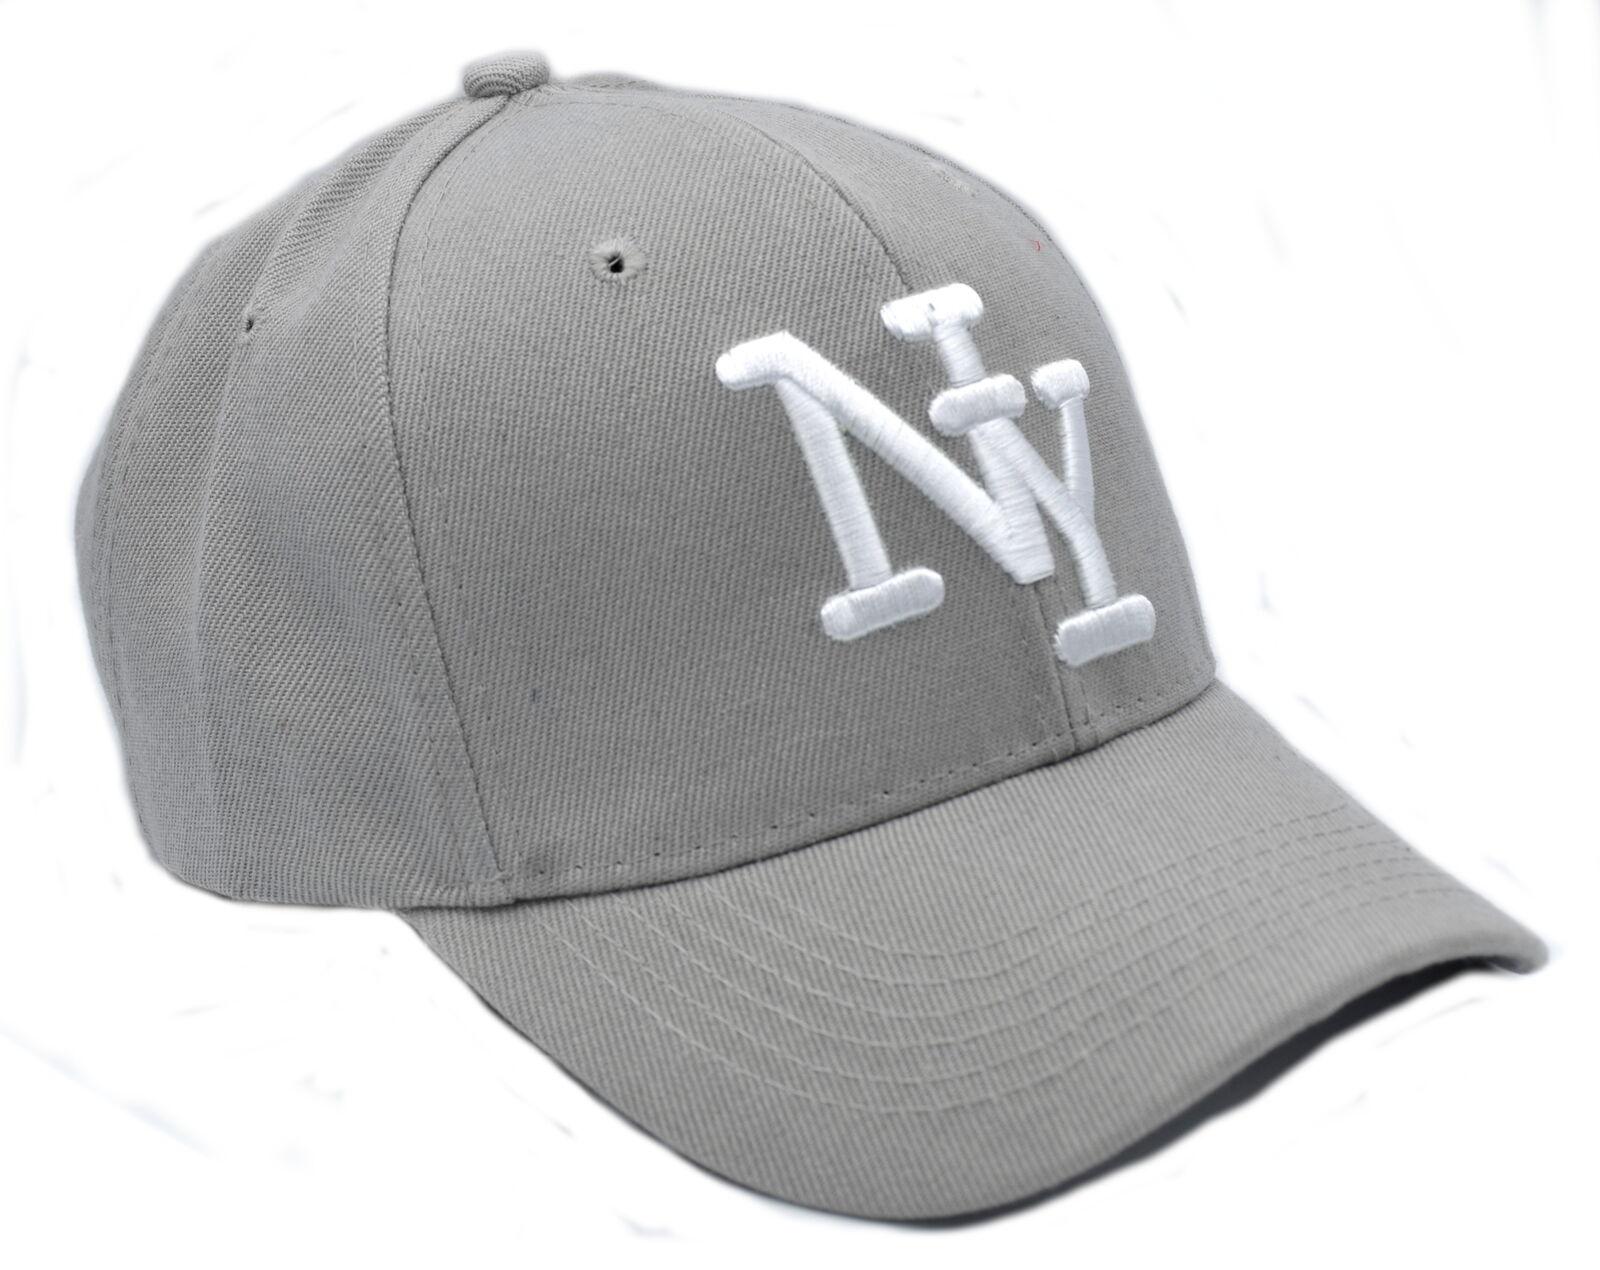 Cappy Herren Cap Kappe gebogener Schirm Basecap Mütze Klettverschluss NY Grau